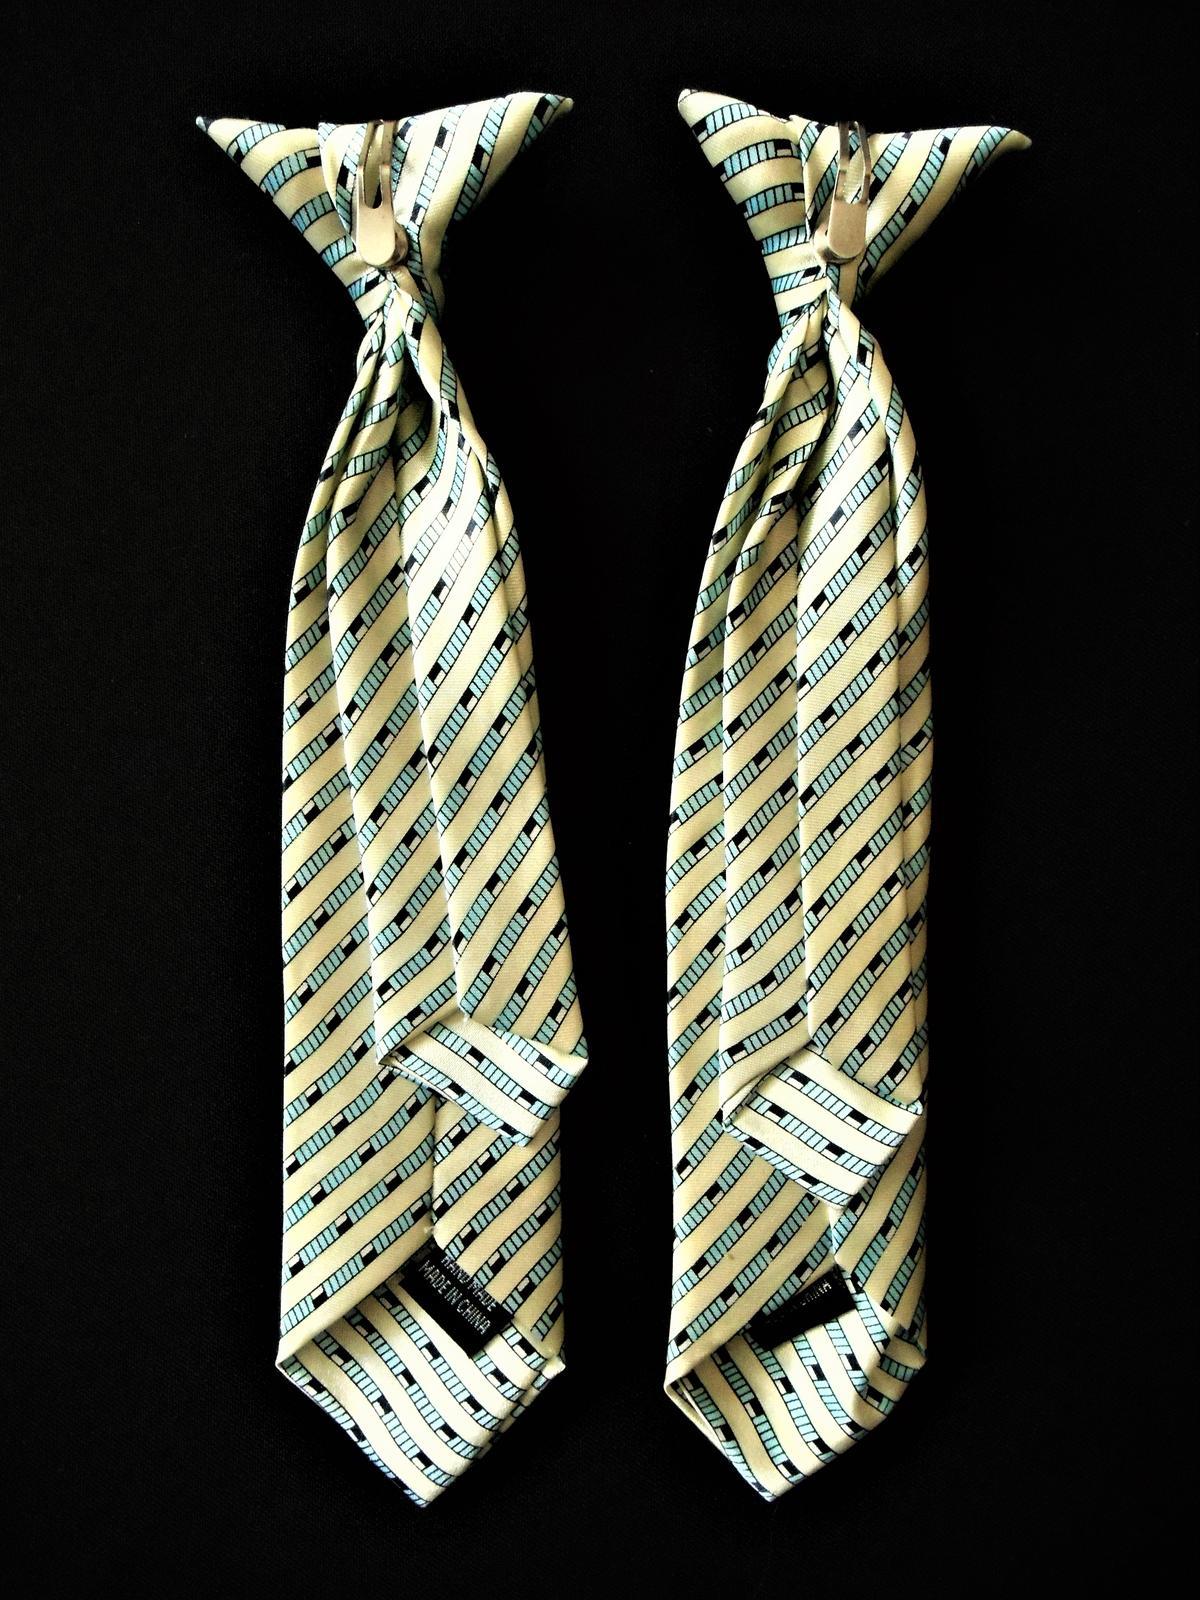 2x detská kravata cena spolu - Obrázok č. 4